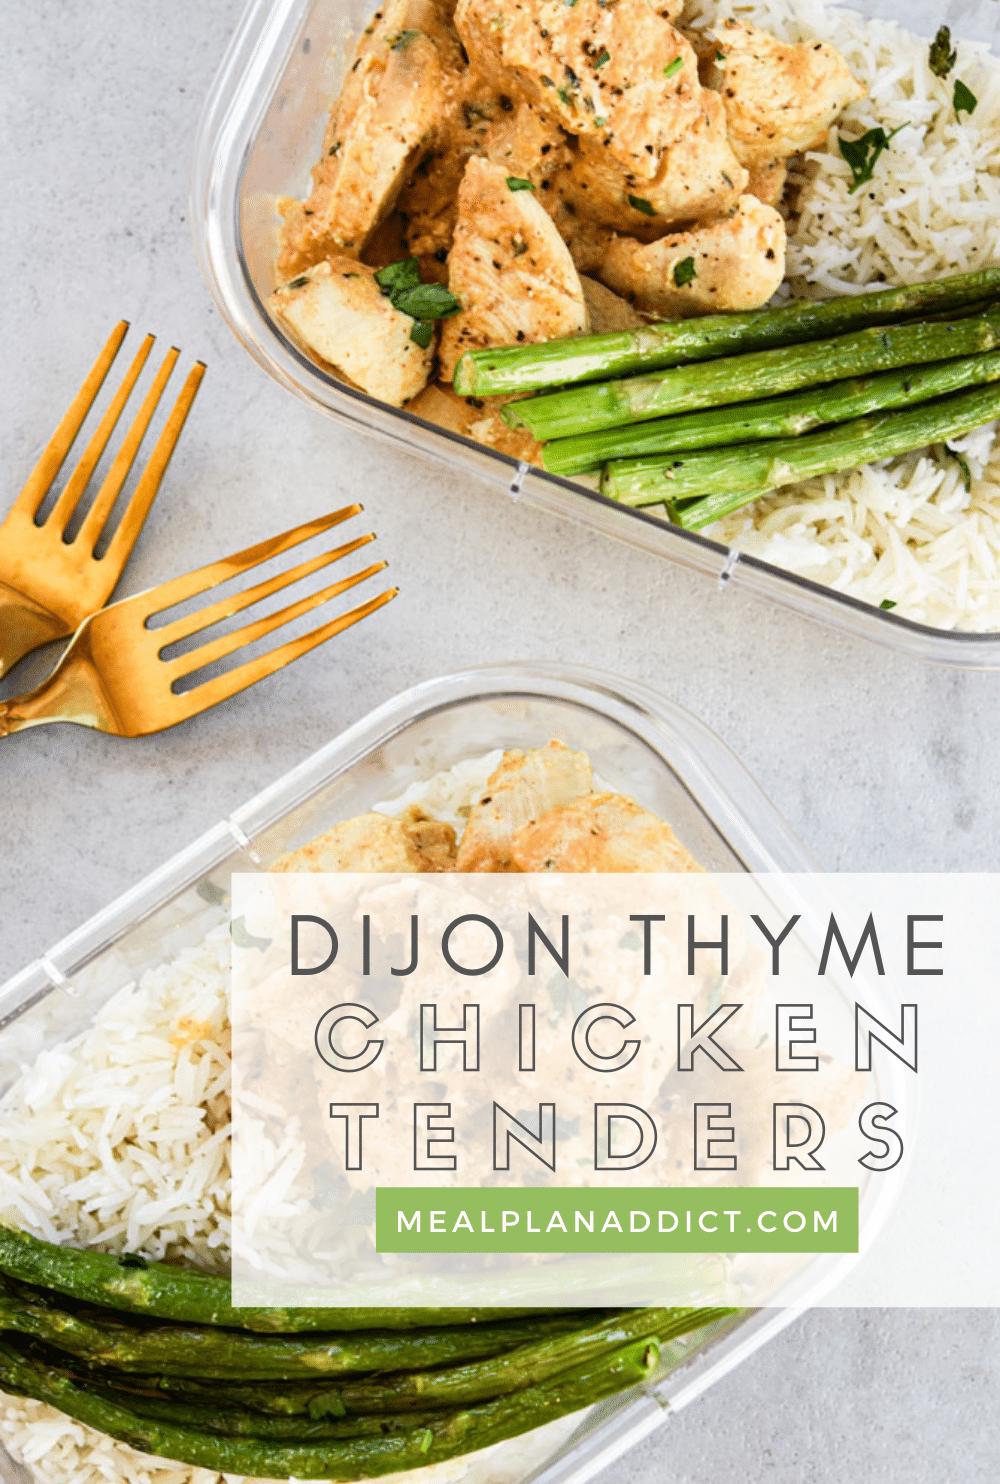 Chicken tender pin for Pinterest